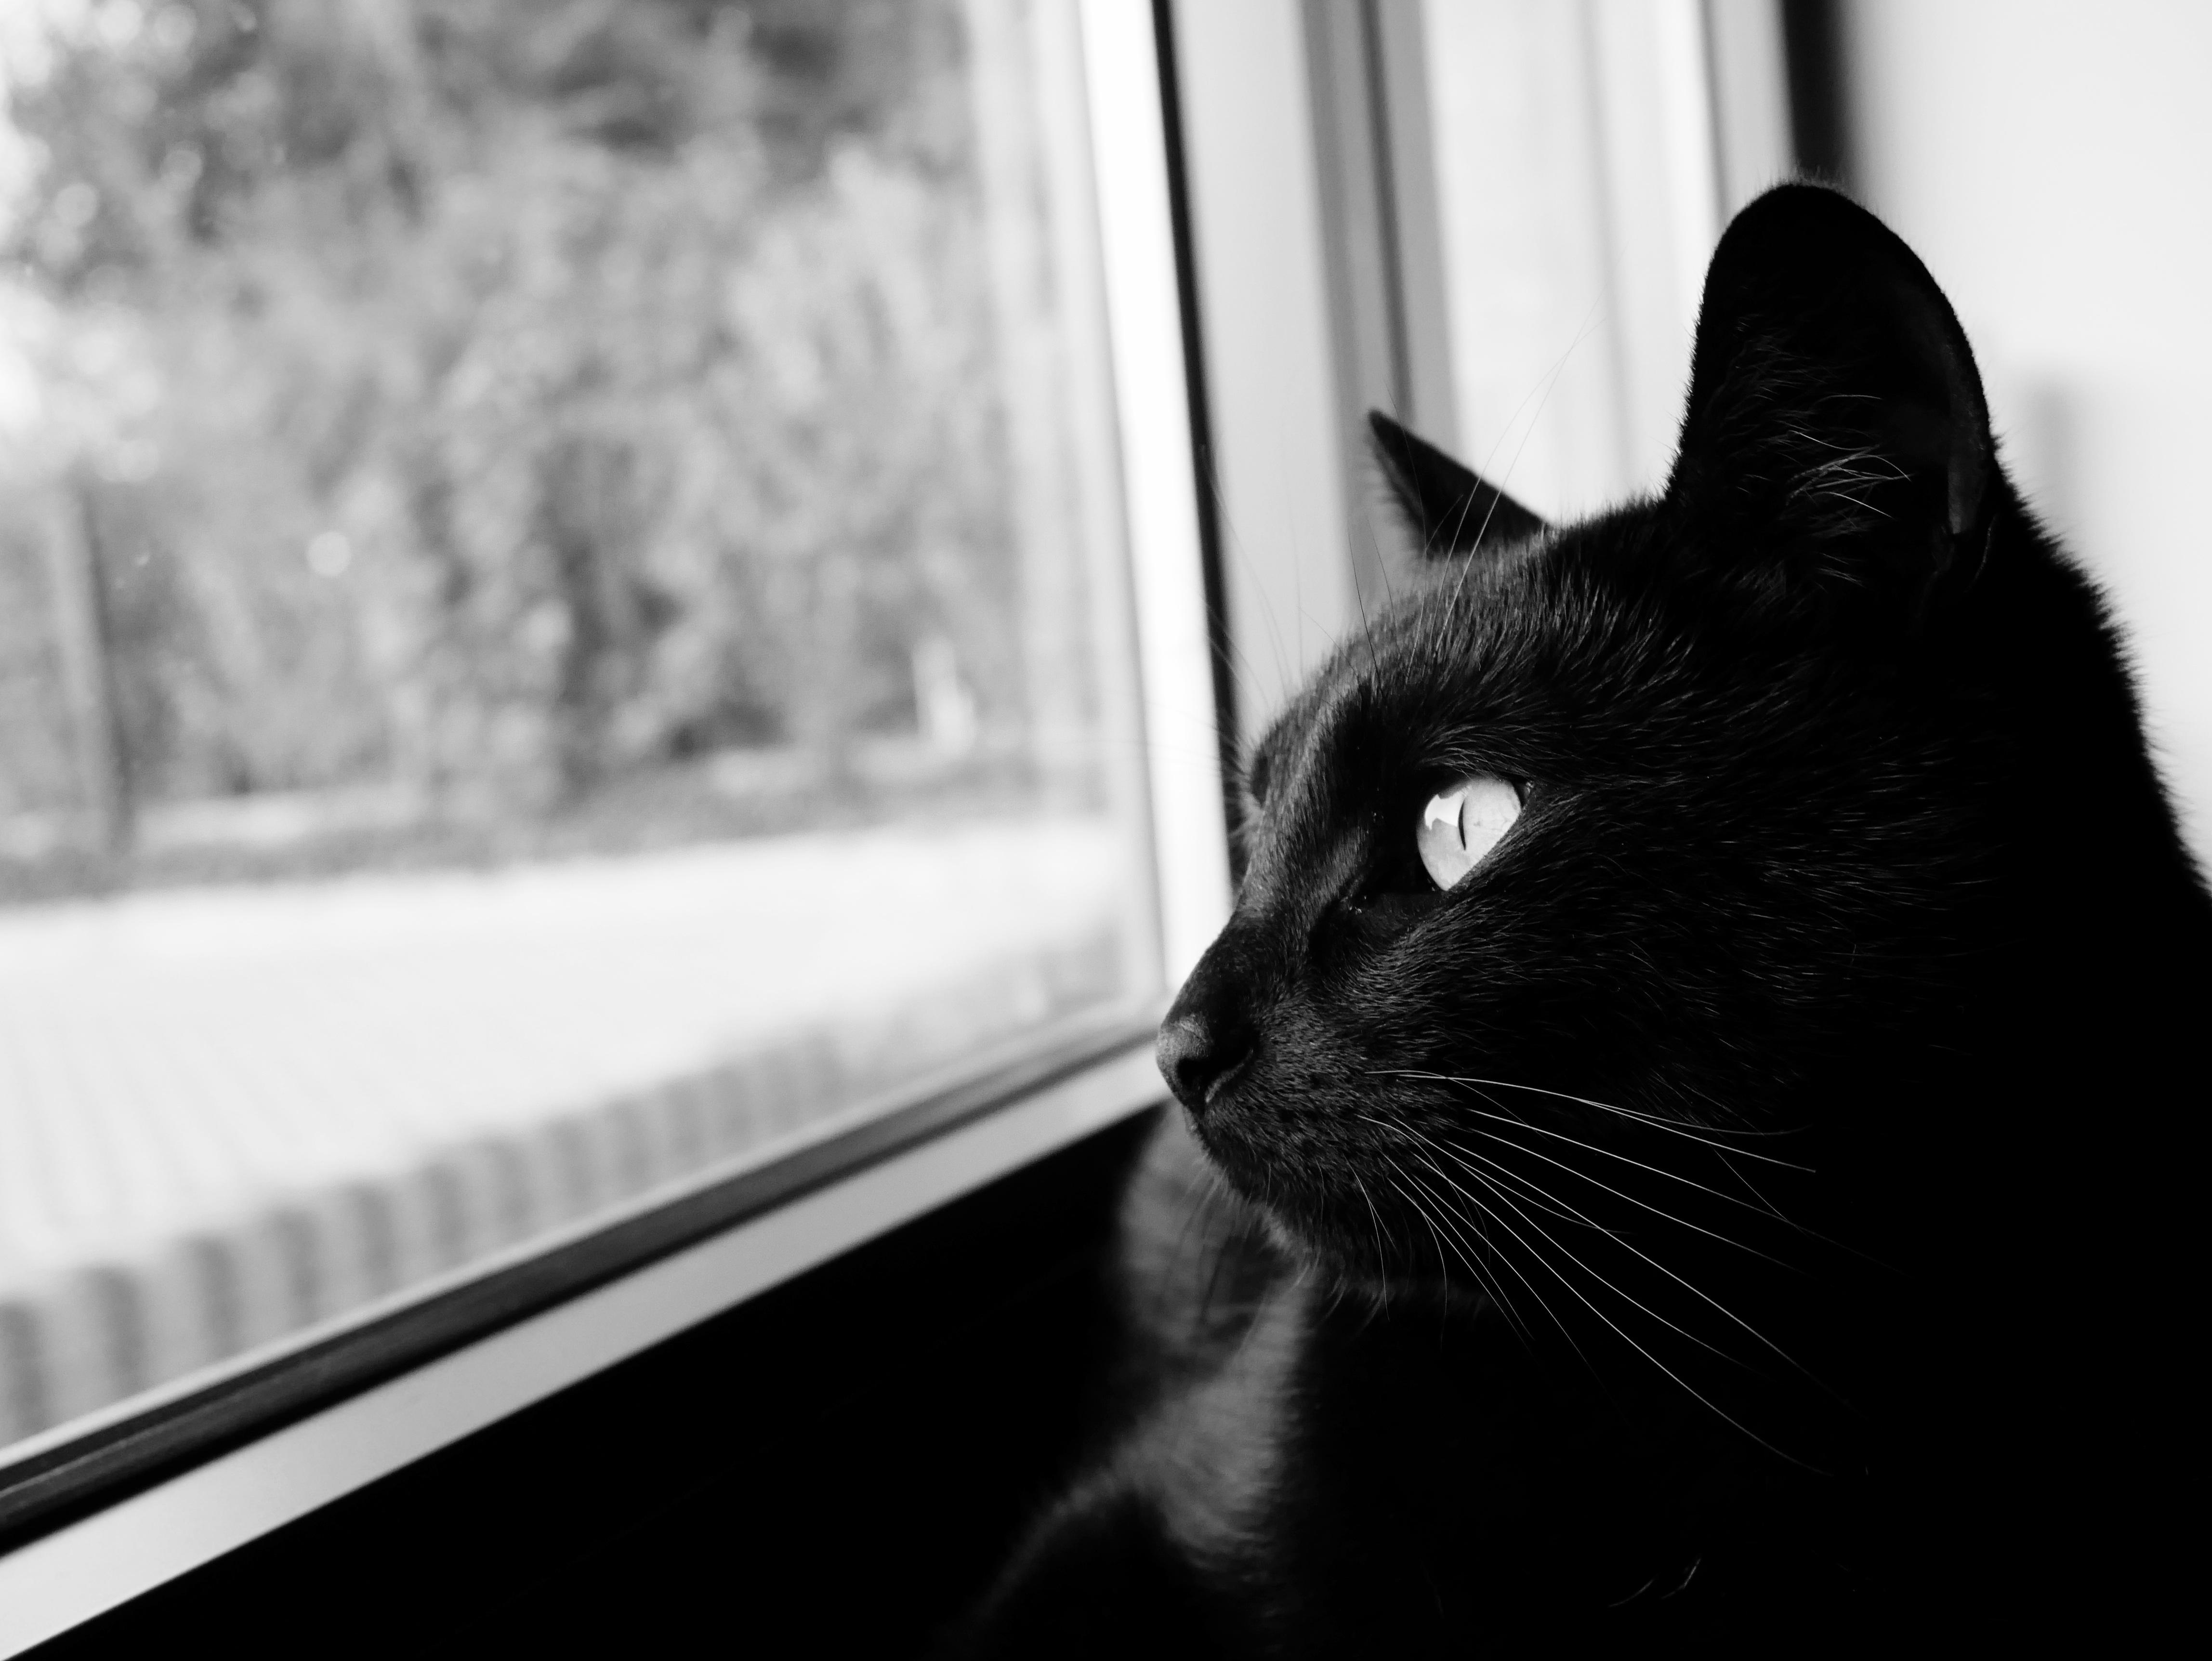 Черно белые картинки с ярким акцентом